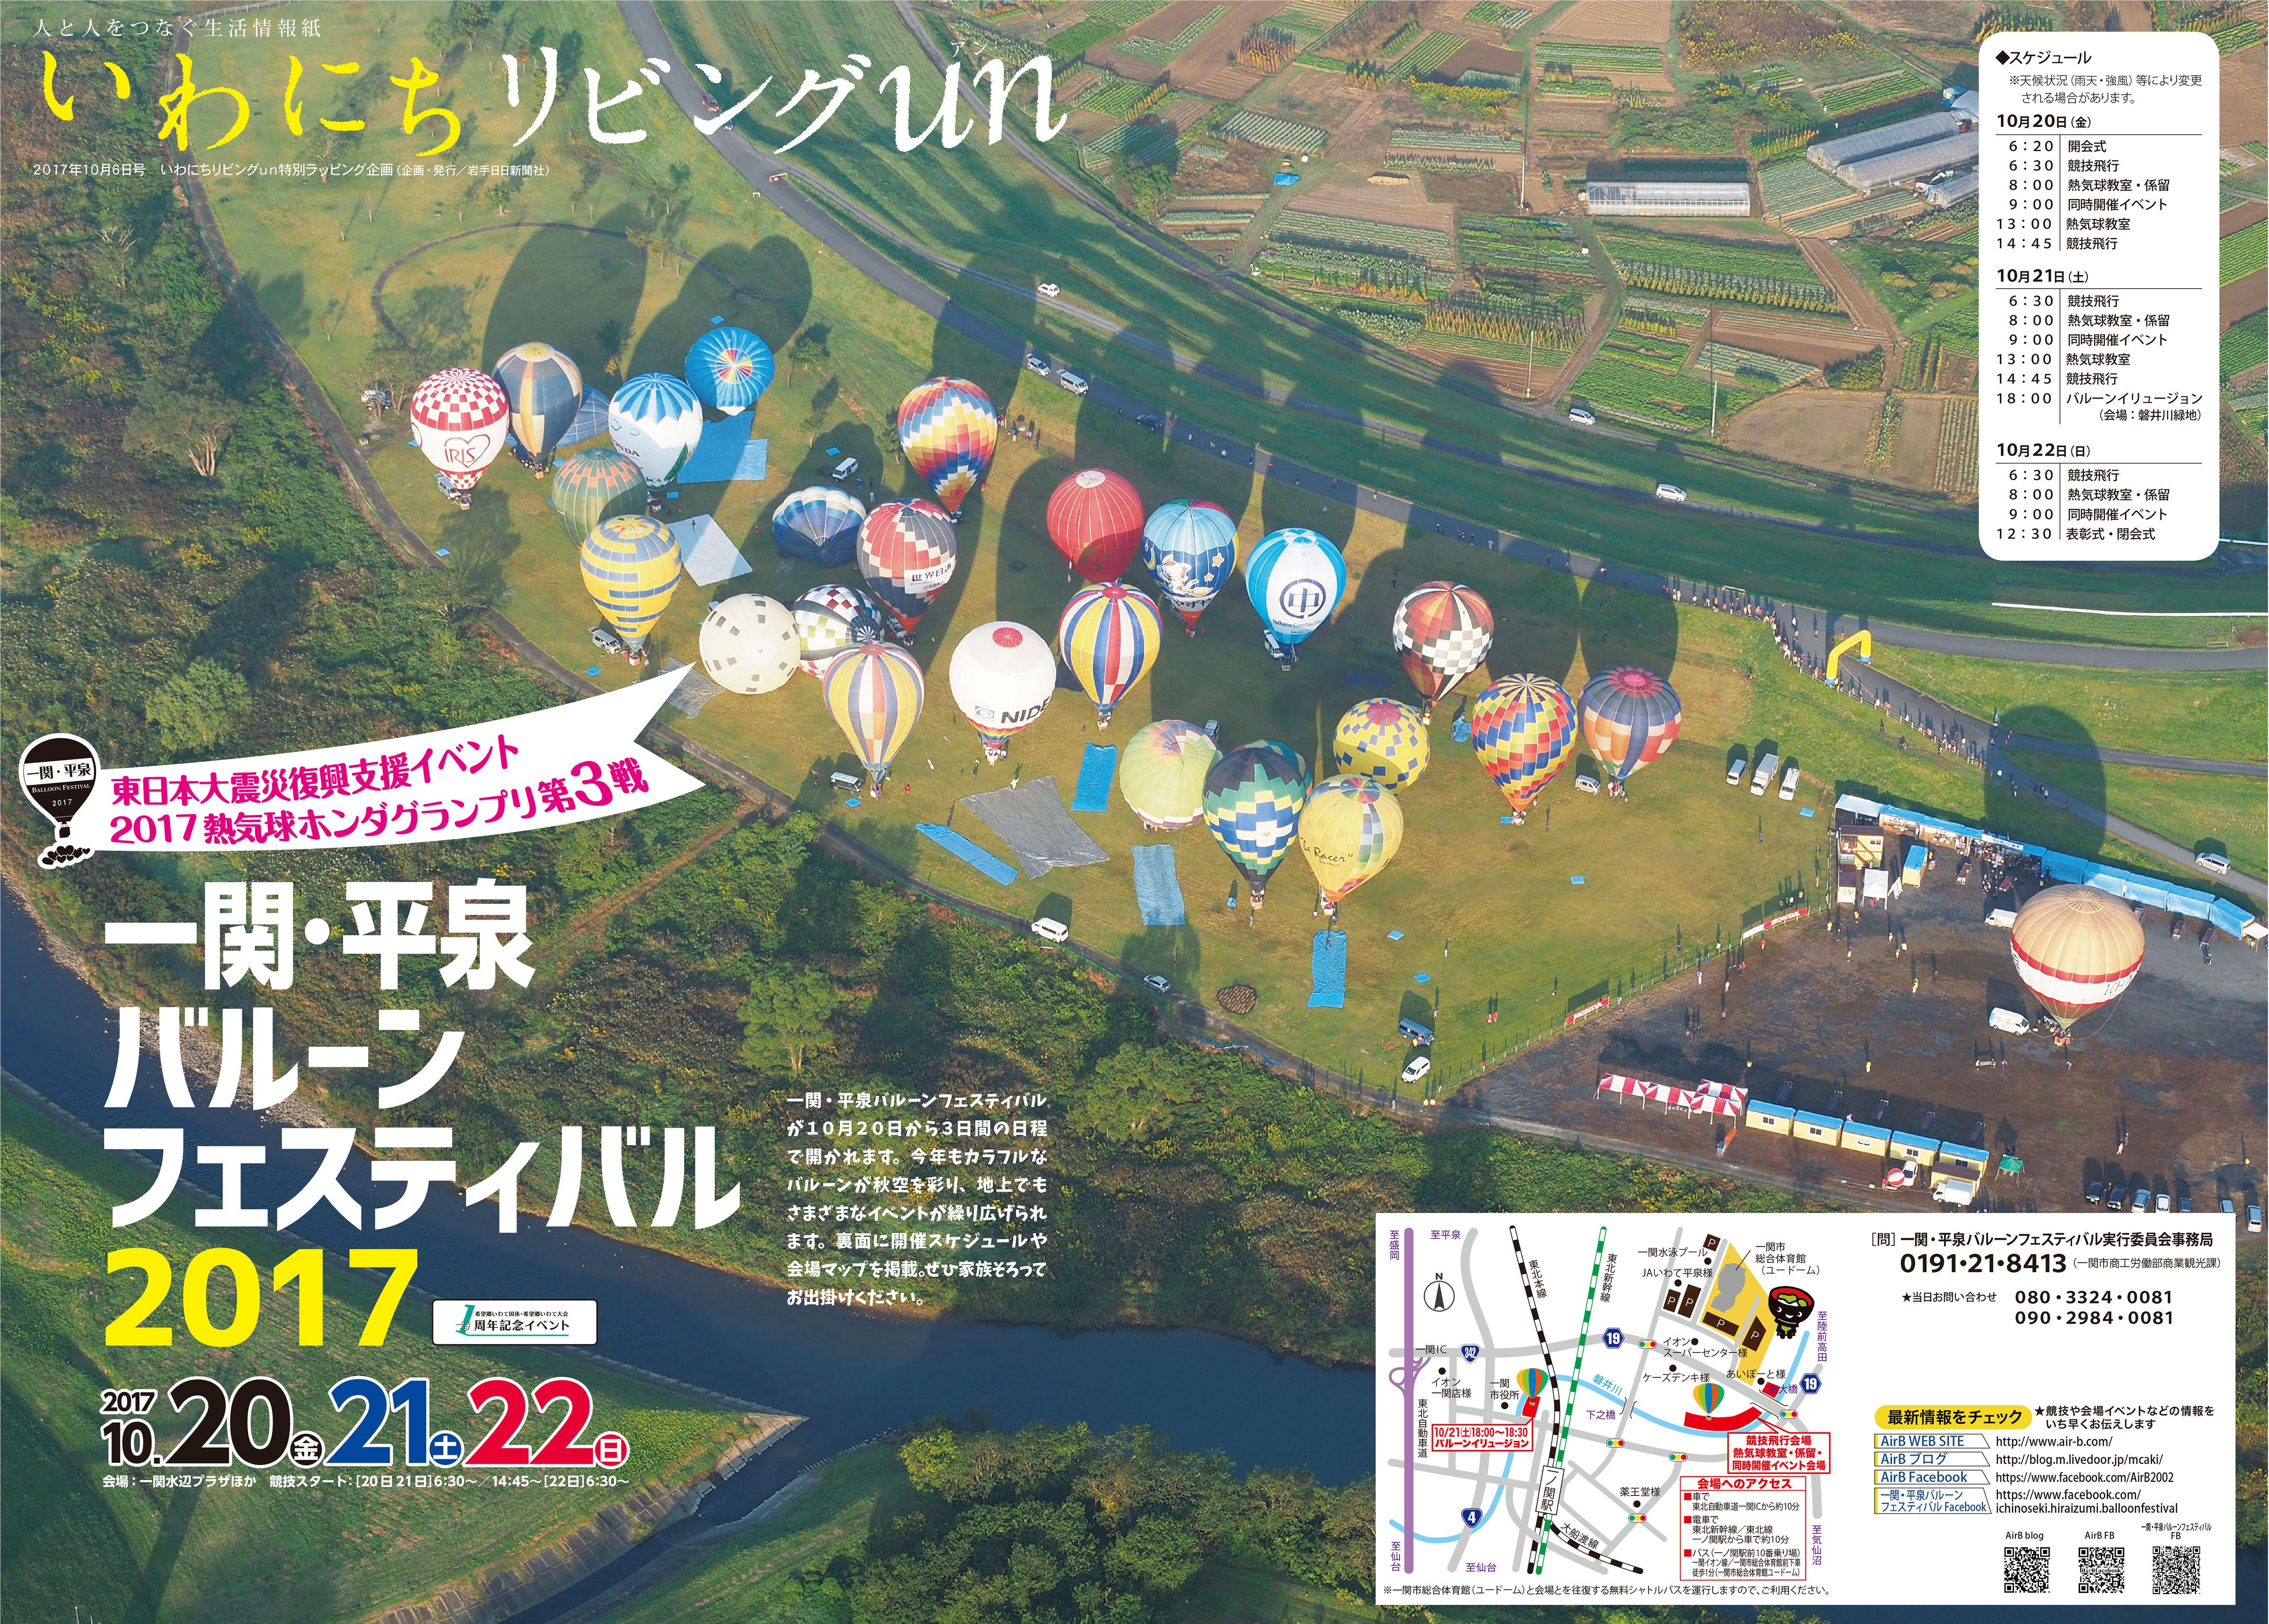 一関・平泉バルーンフェスティバル2017